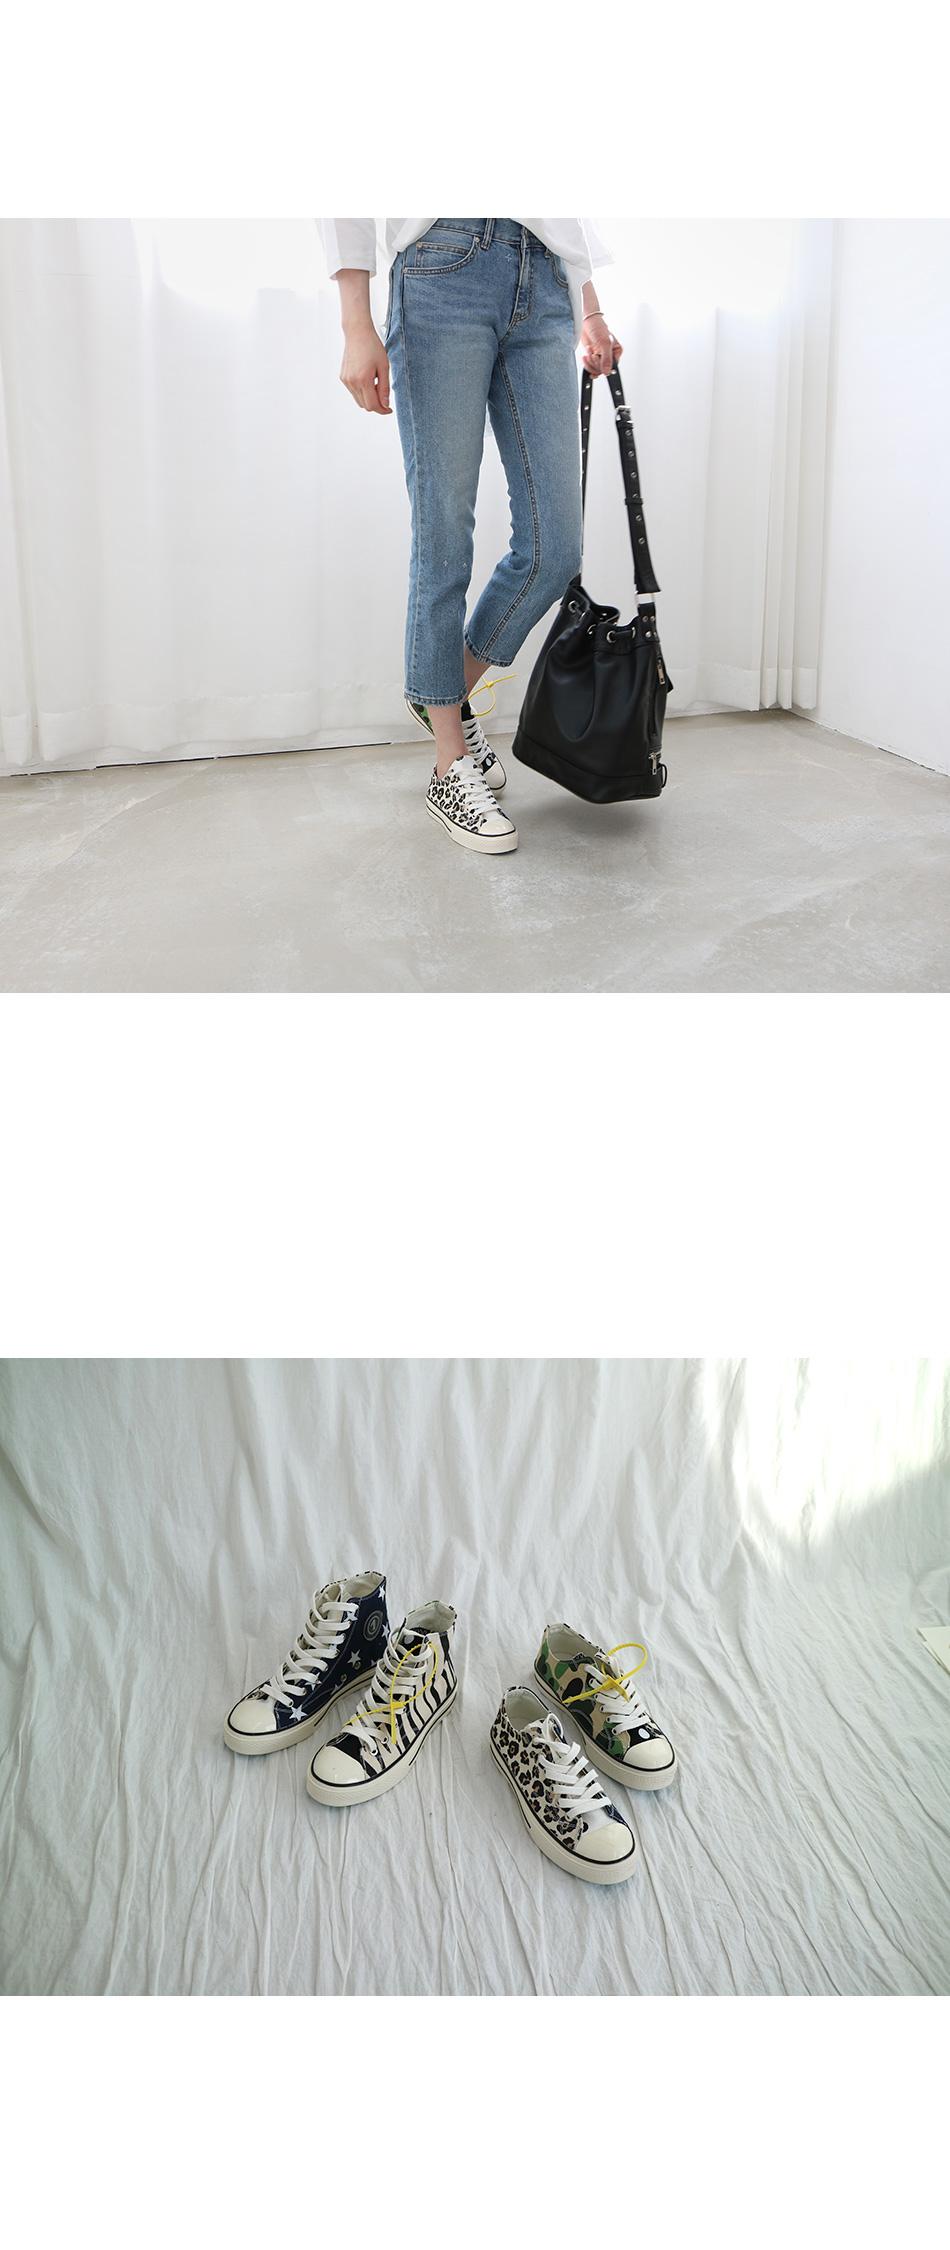 디파스 프린팅 스니커즈 착용컷